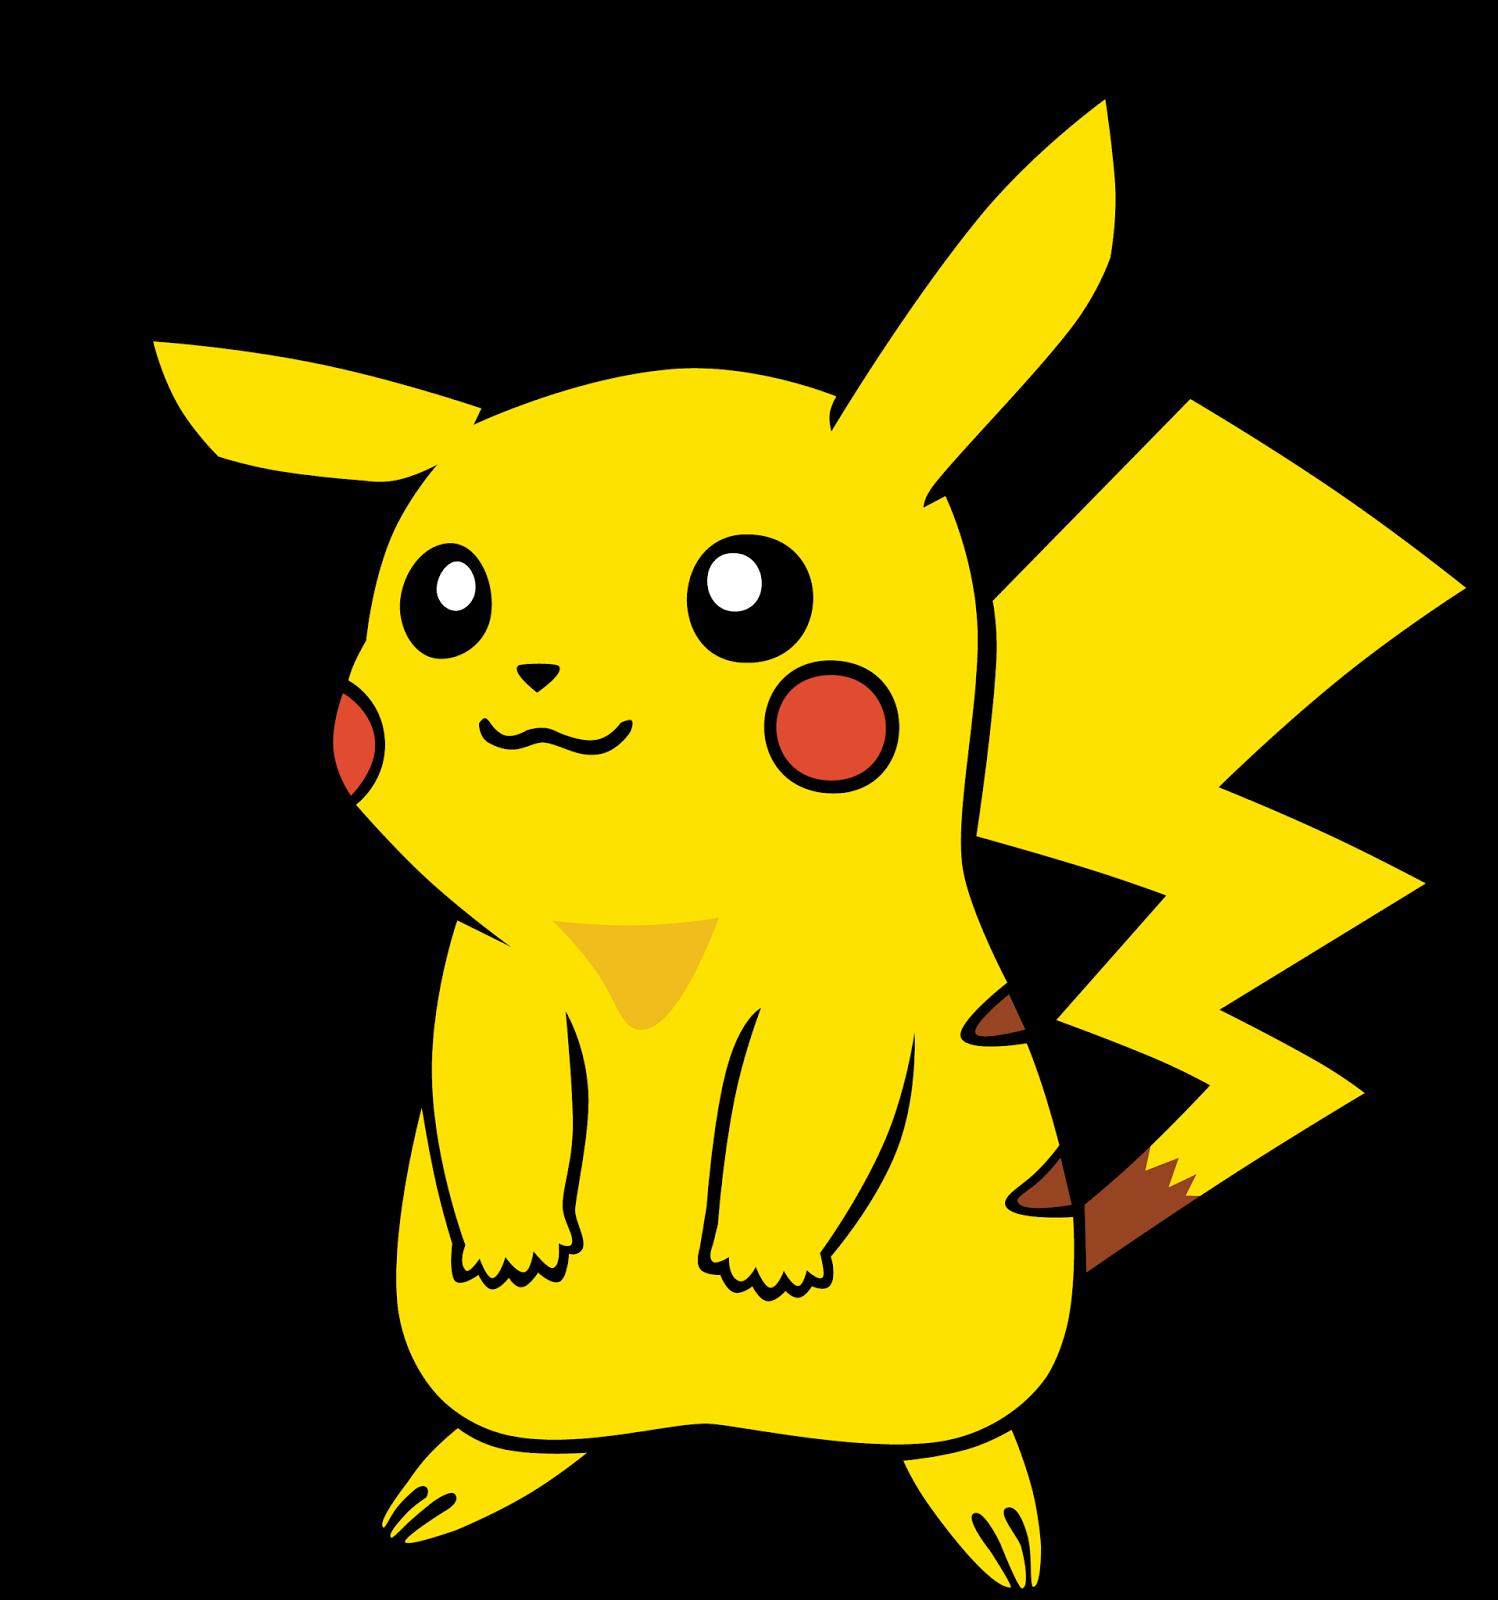 Pokemon go galeria de imagens cantinho do blog - Image pikachu ...